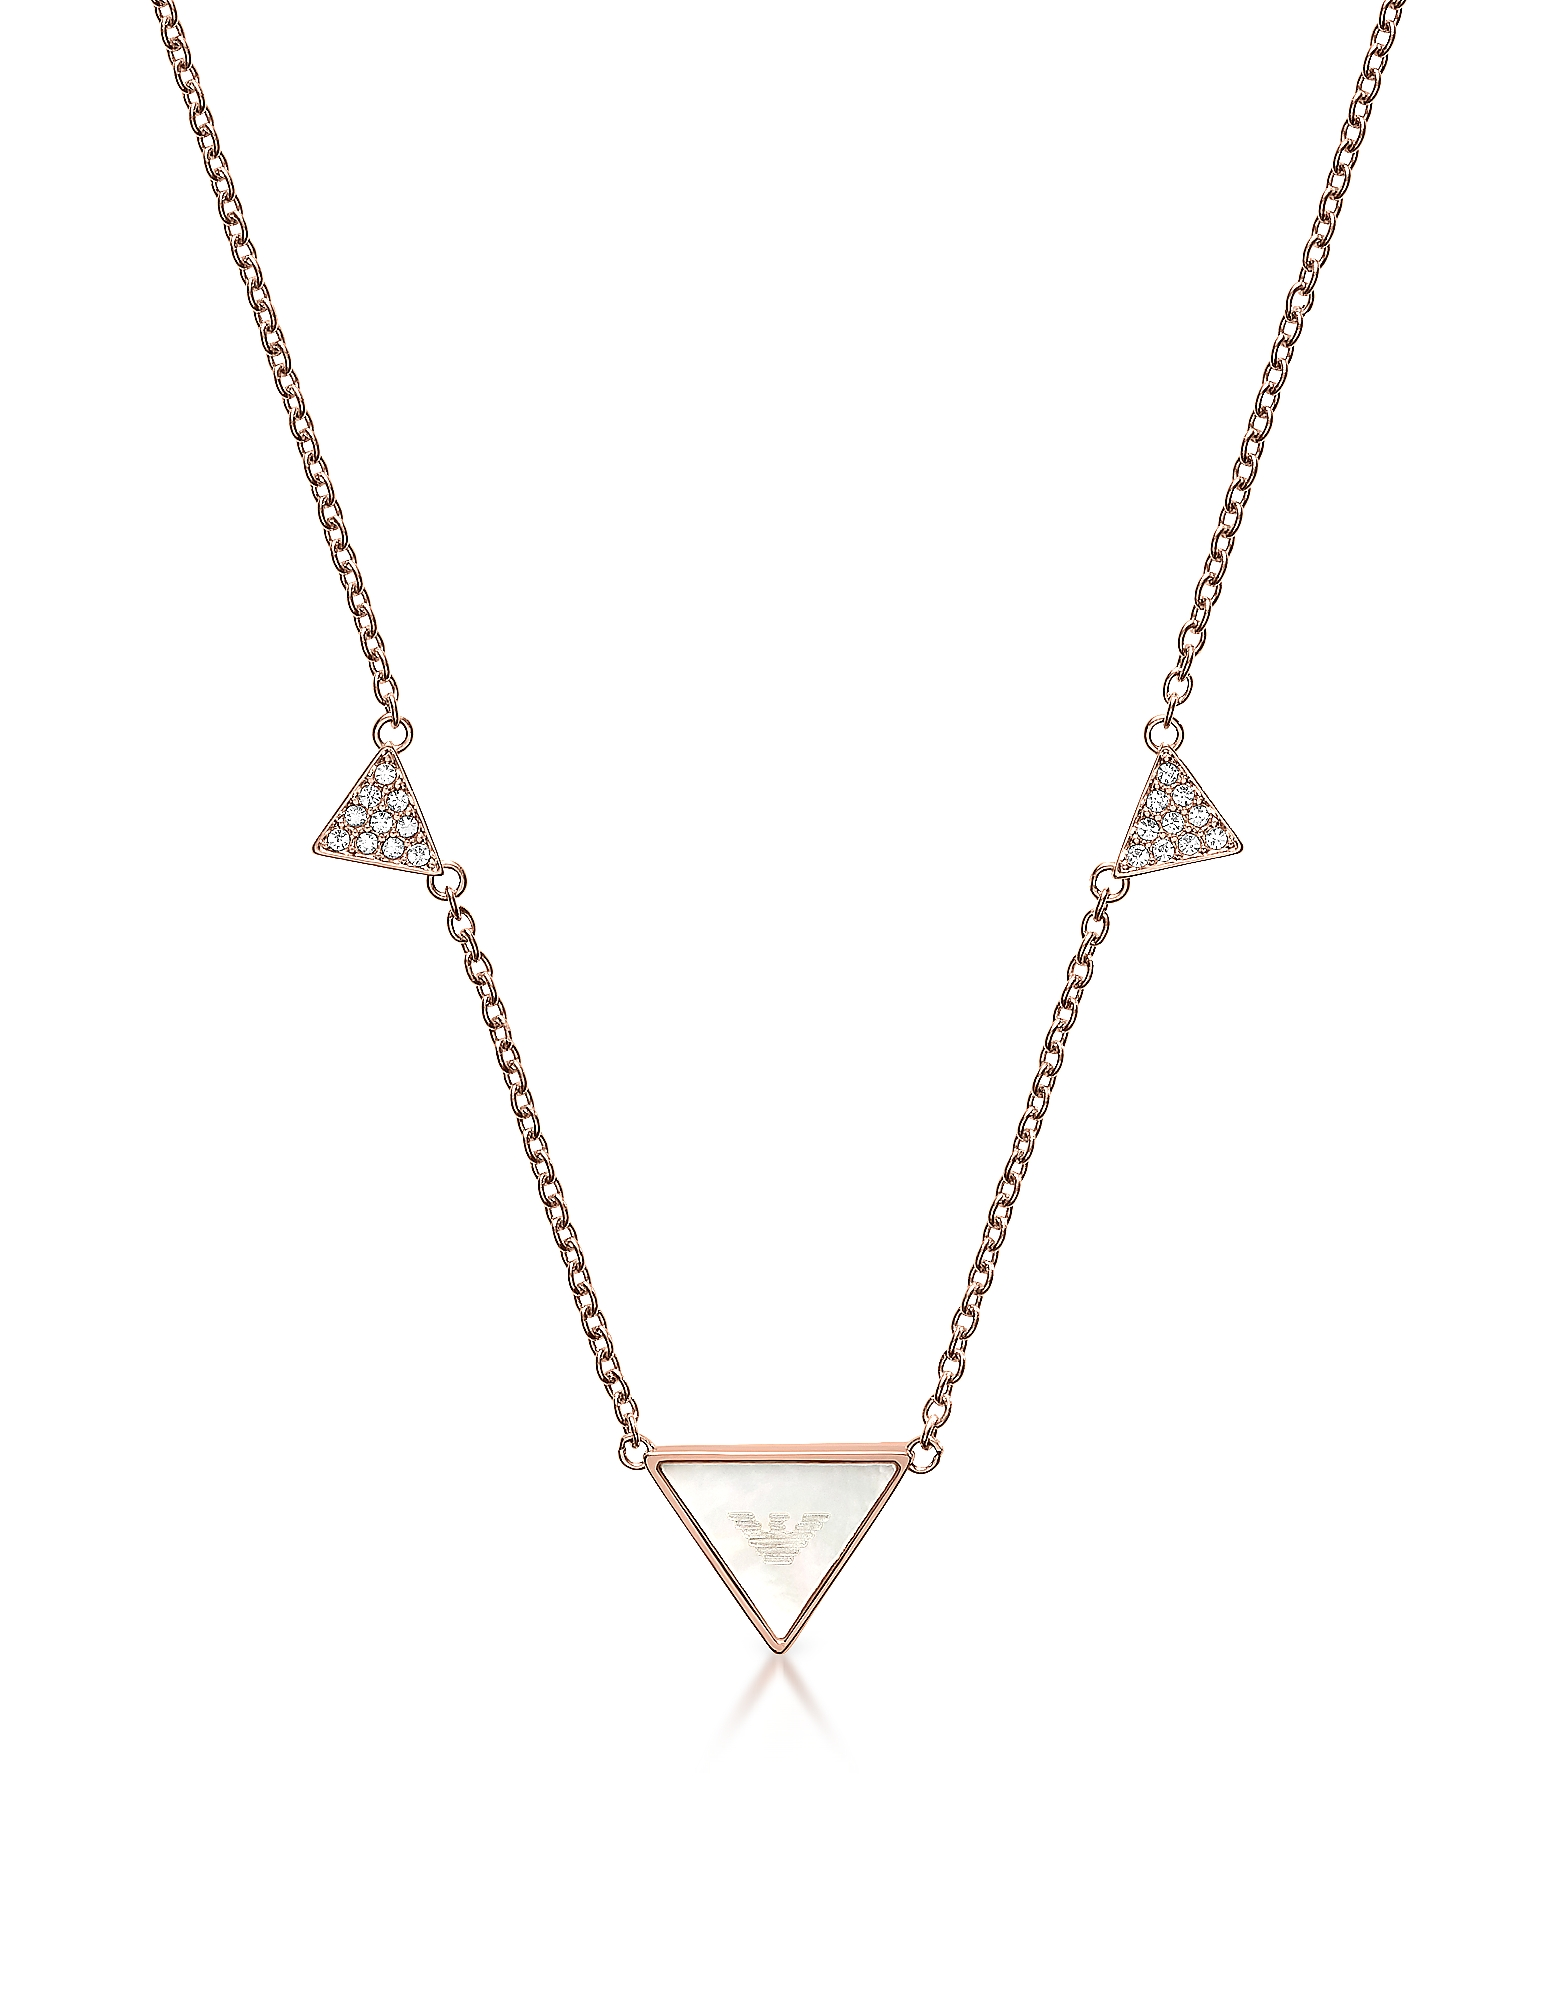 Фирменное Ожерелье Оттенка Розового Золота с Трегульниками